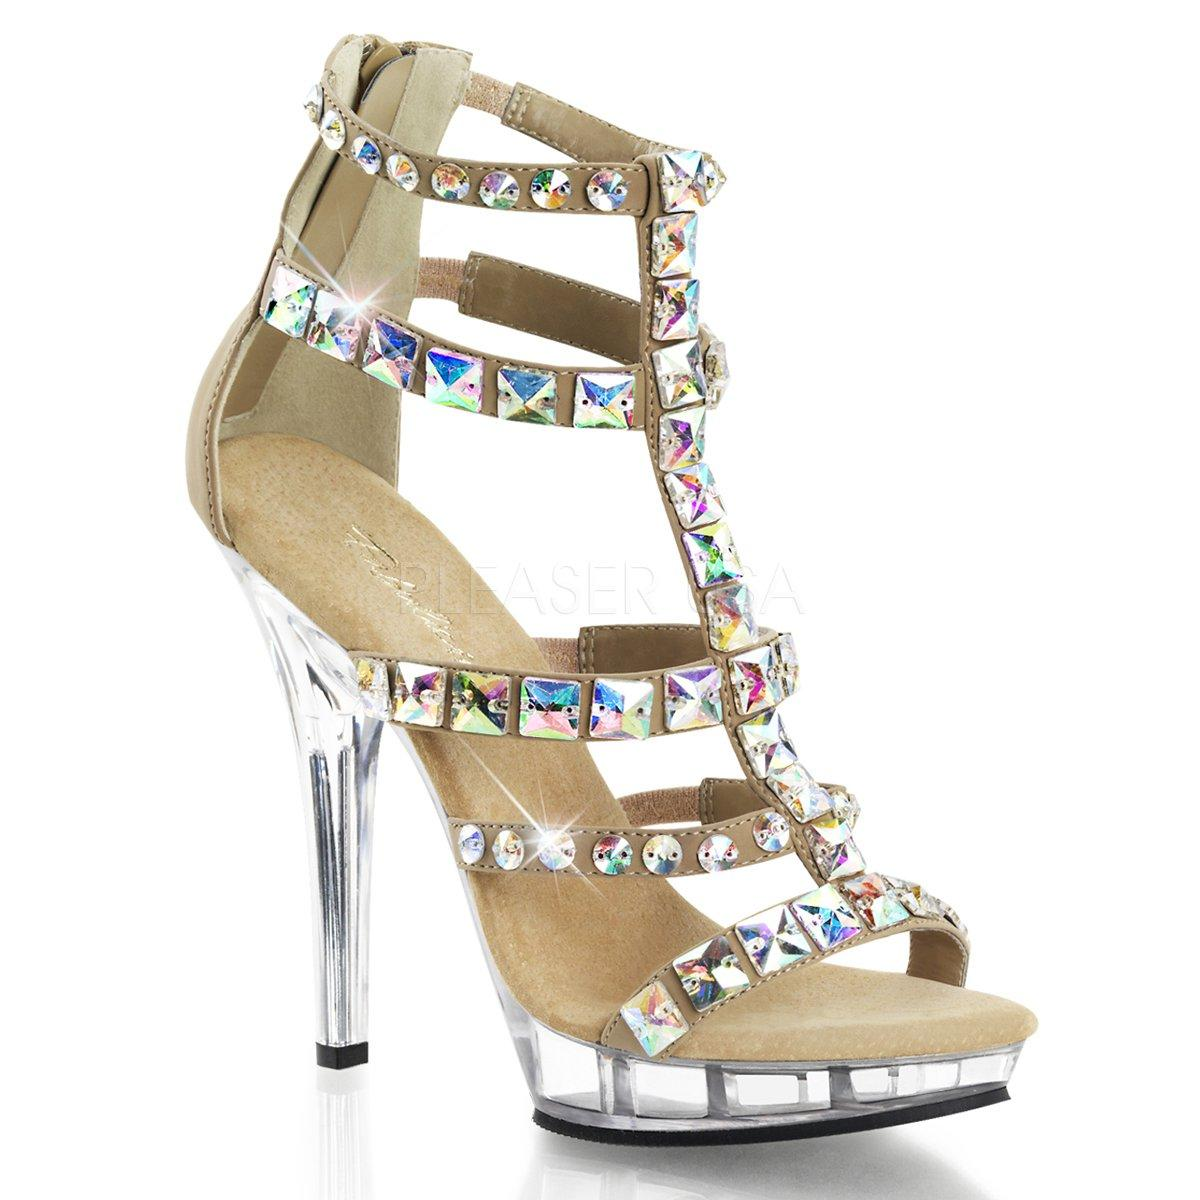 fe28ee08f1d LIP-158 Zlaté dámské páskové boty na podpatku zdobené kameny ...